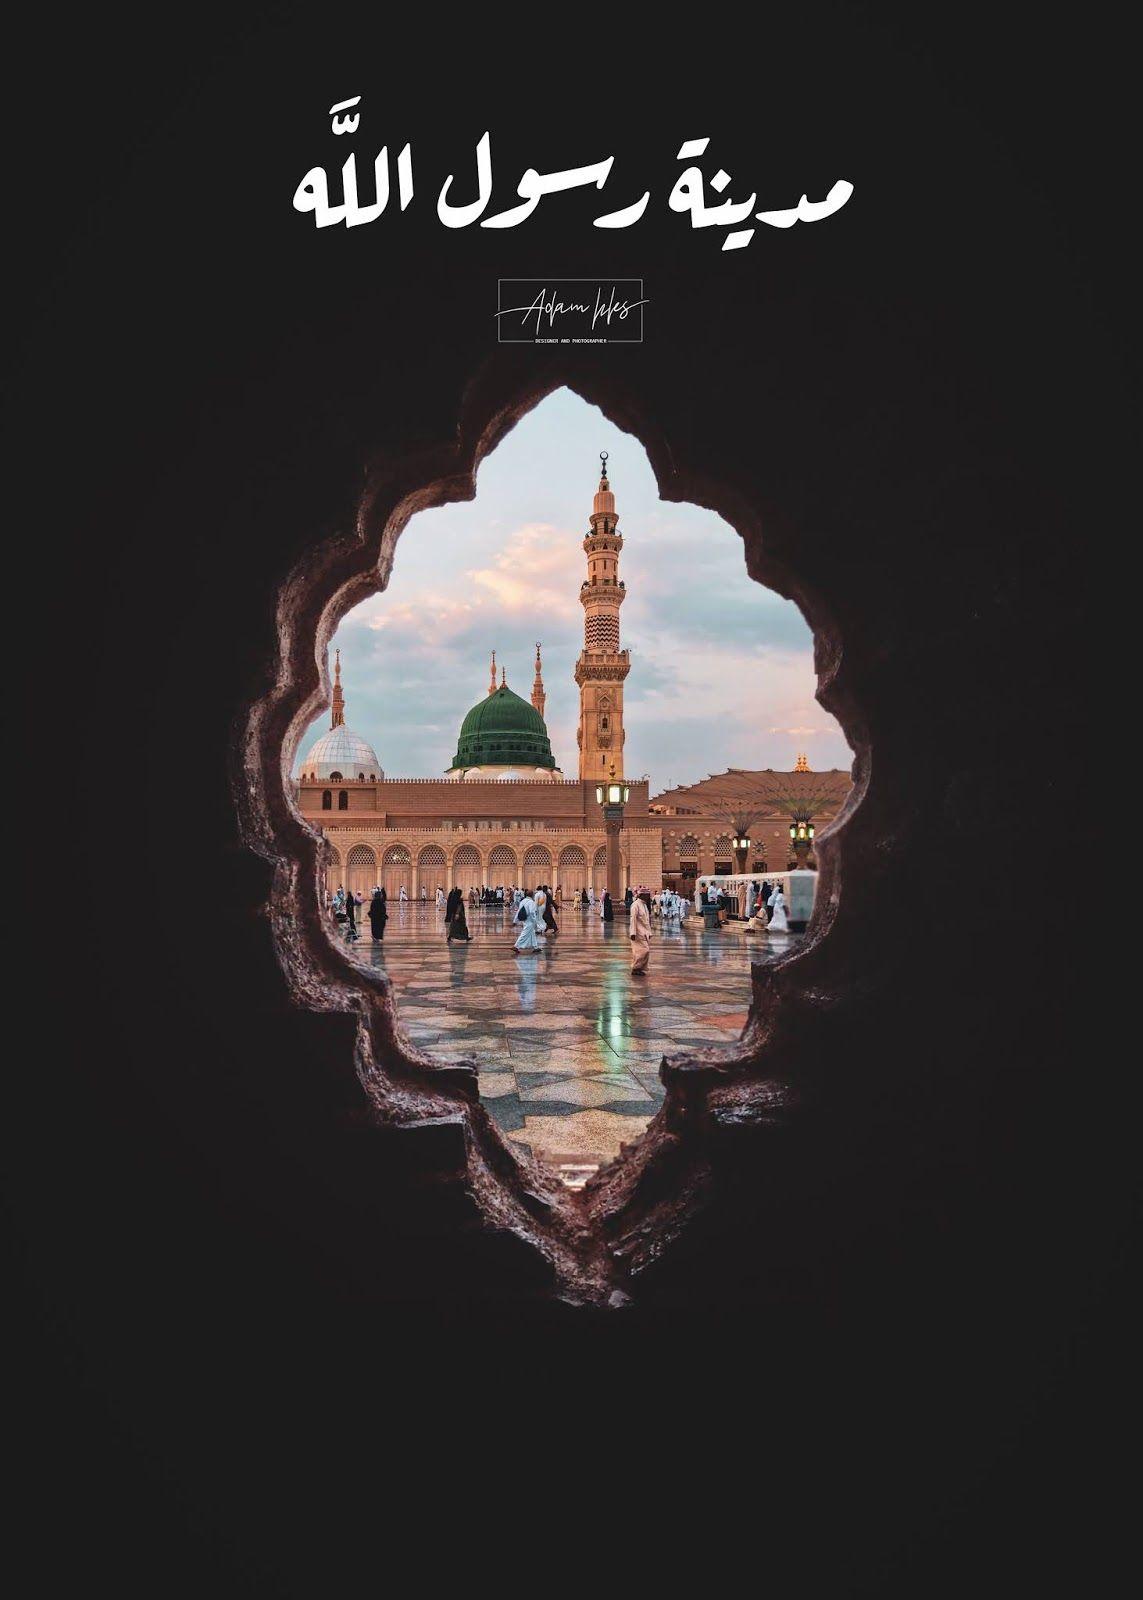 اجمل خلفية المدينة المنورة مدينة رسول الله خلفية للهاتف رائعة Islamic Art Islam Poster